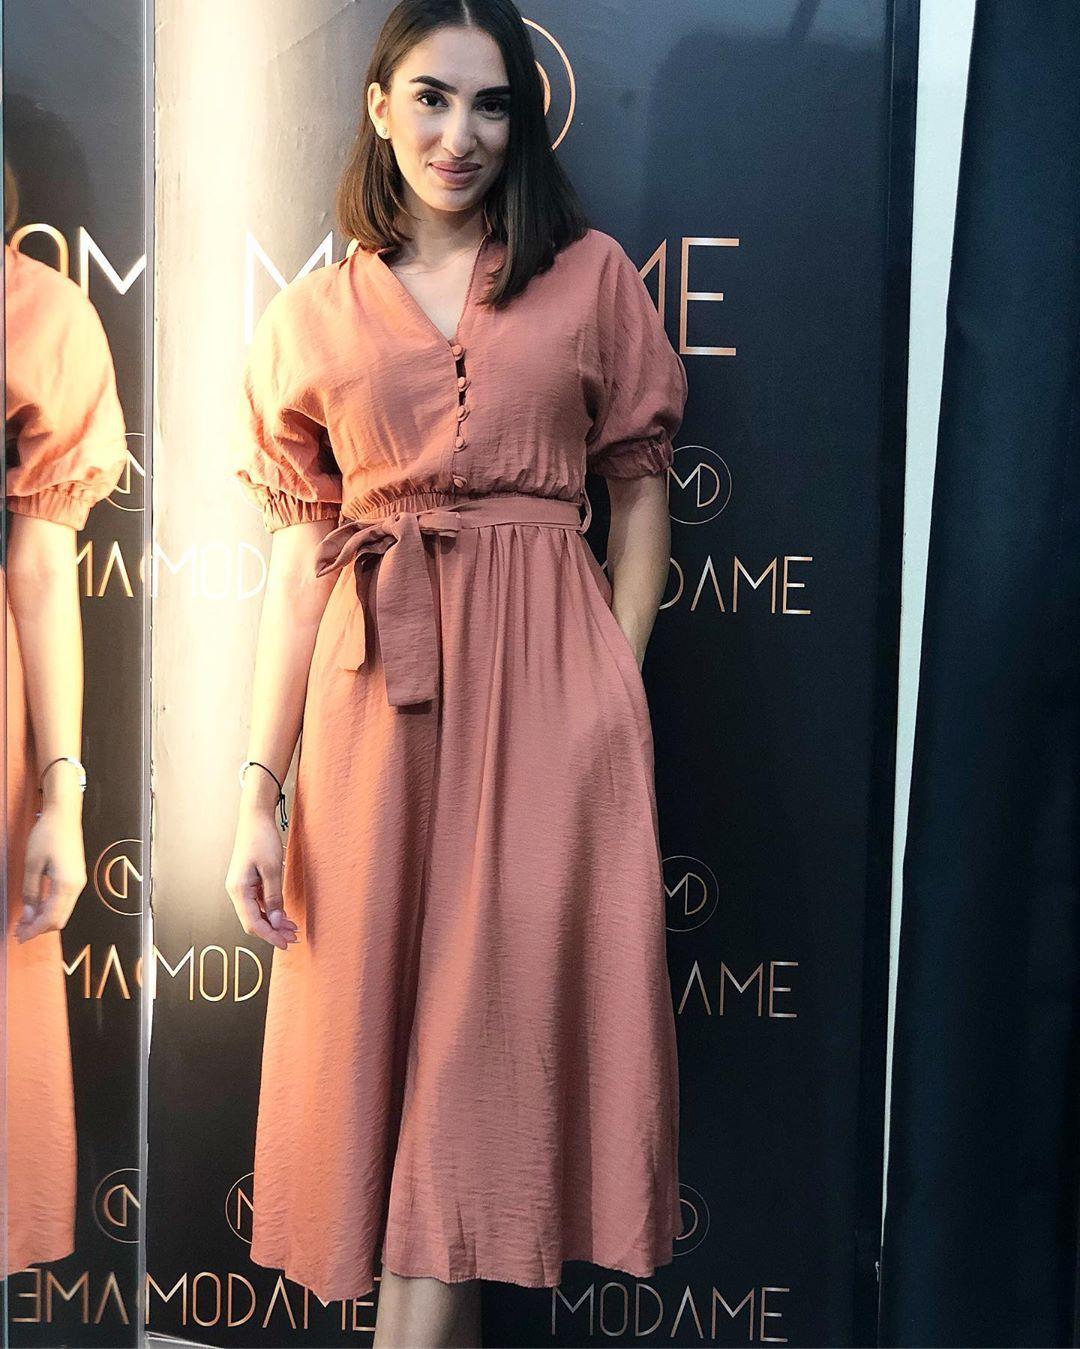 Super elegantes Sommerkleid 😍 14,14€ #modame #modamedresses